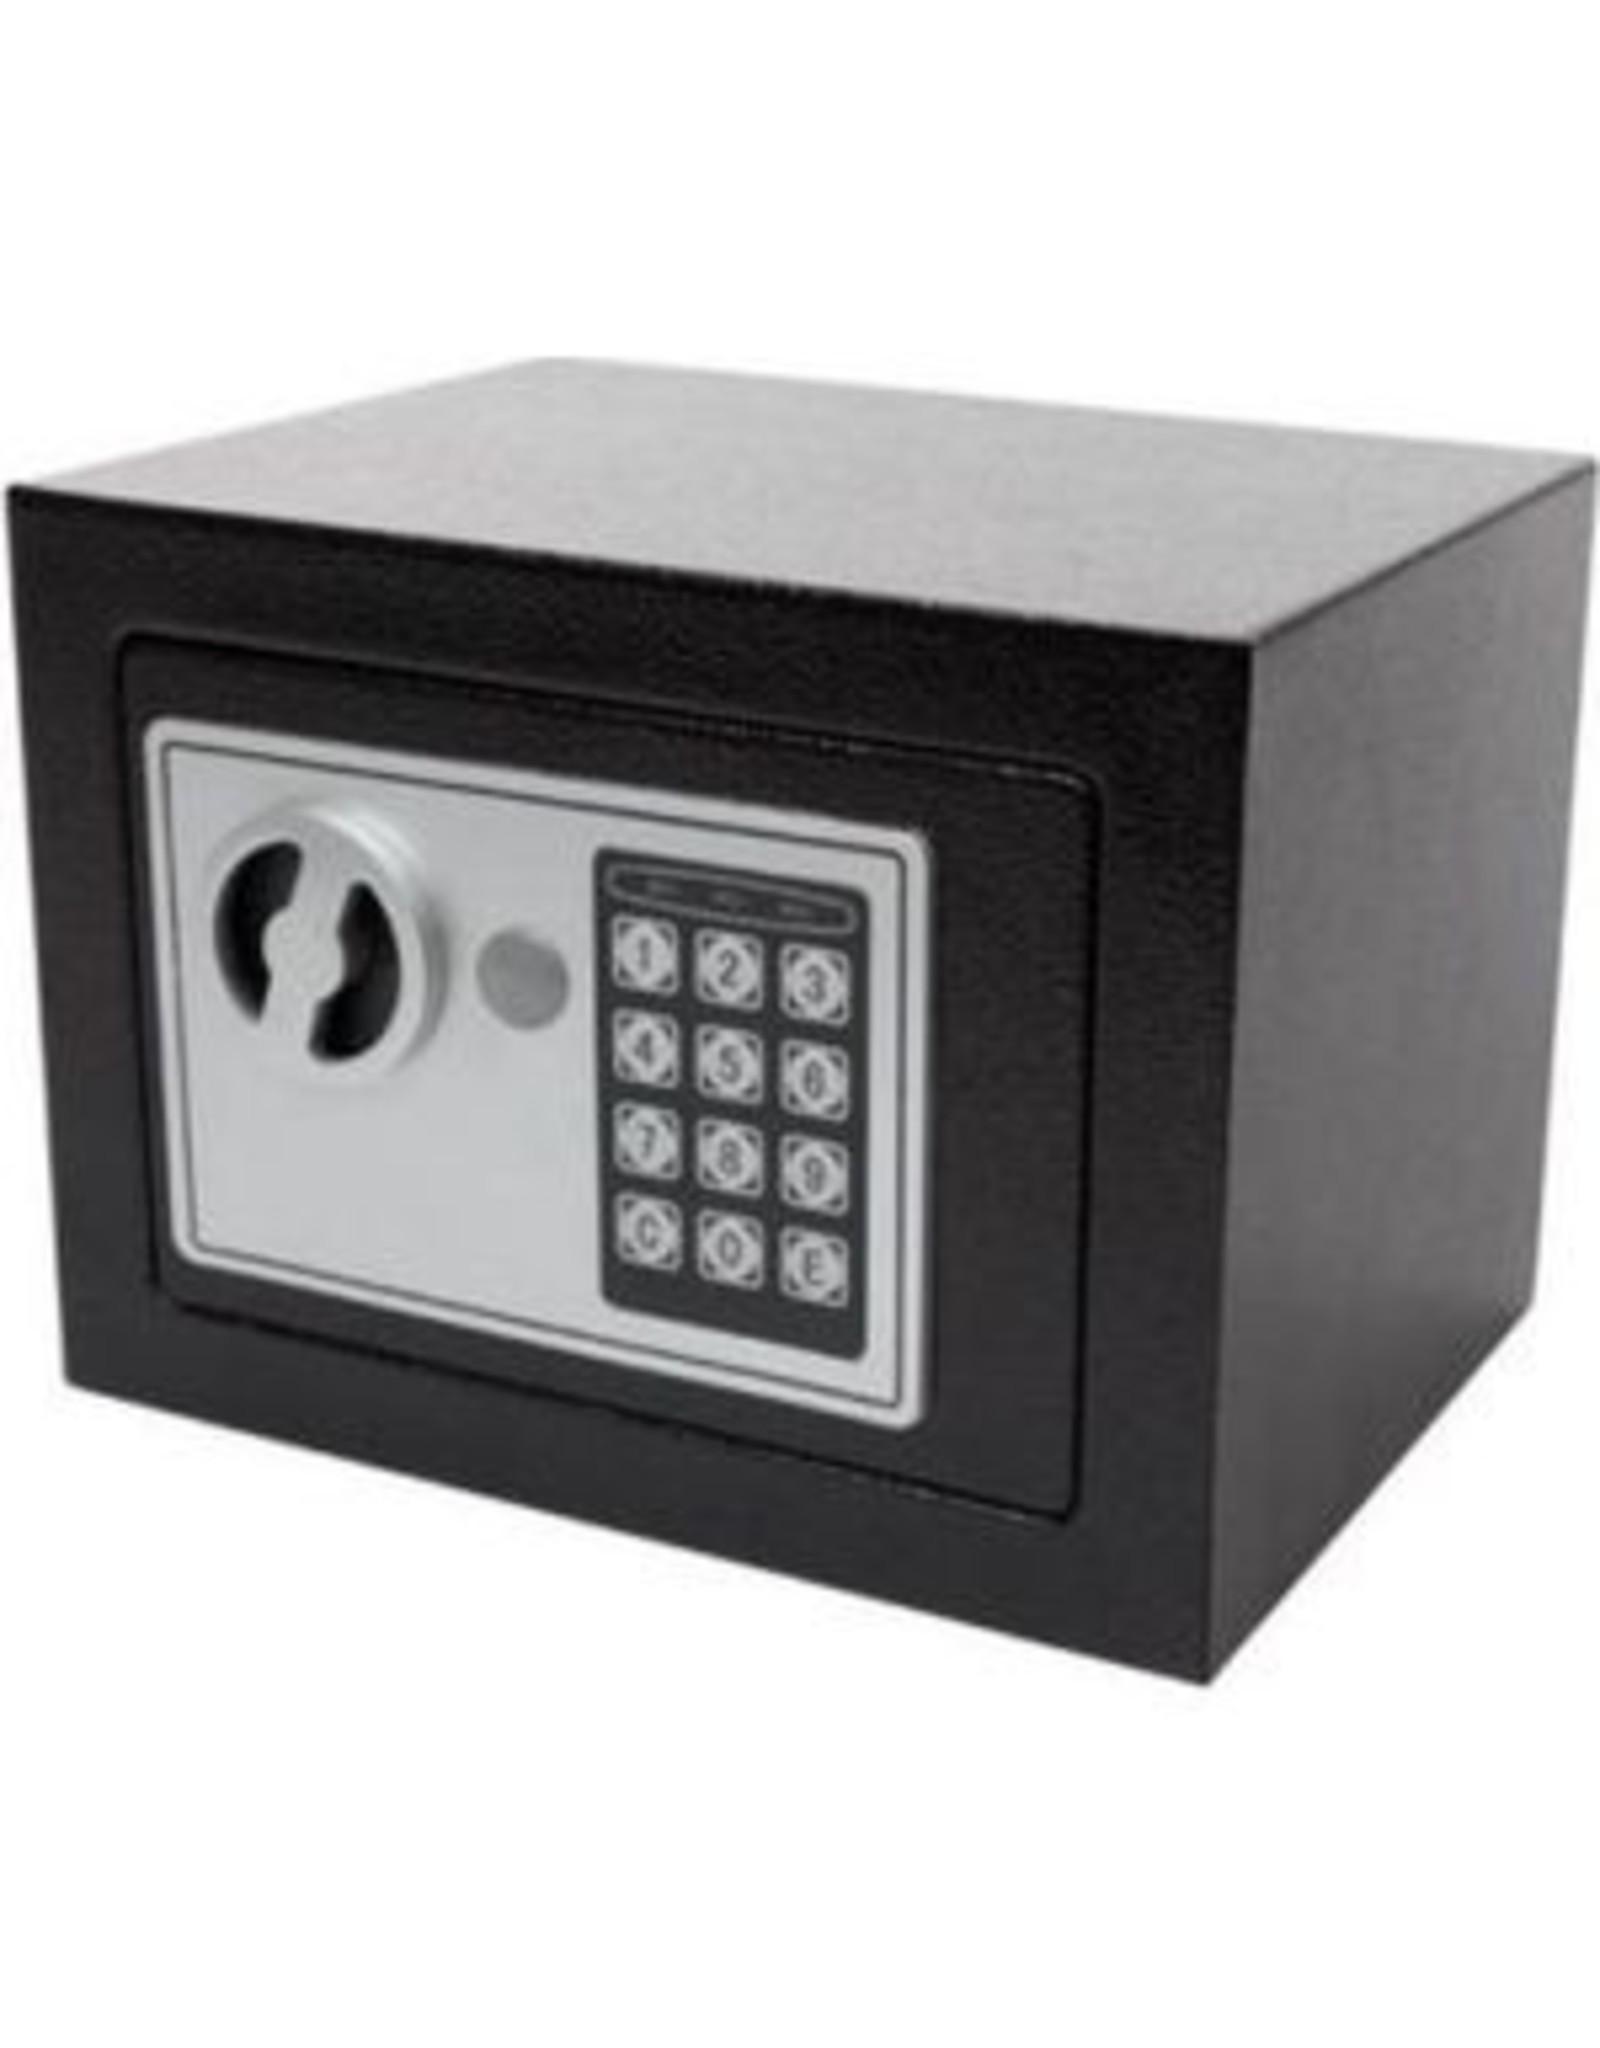 Vinz Benson - Elektronische Kluis - 17 x 23 x 17 cm (LxBxH)